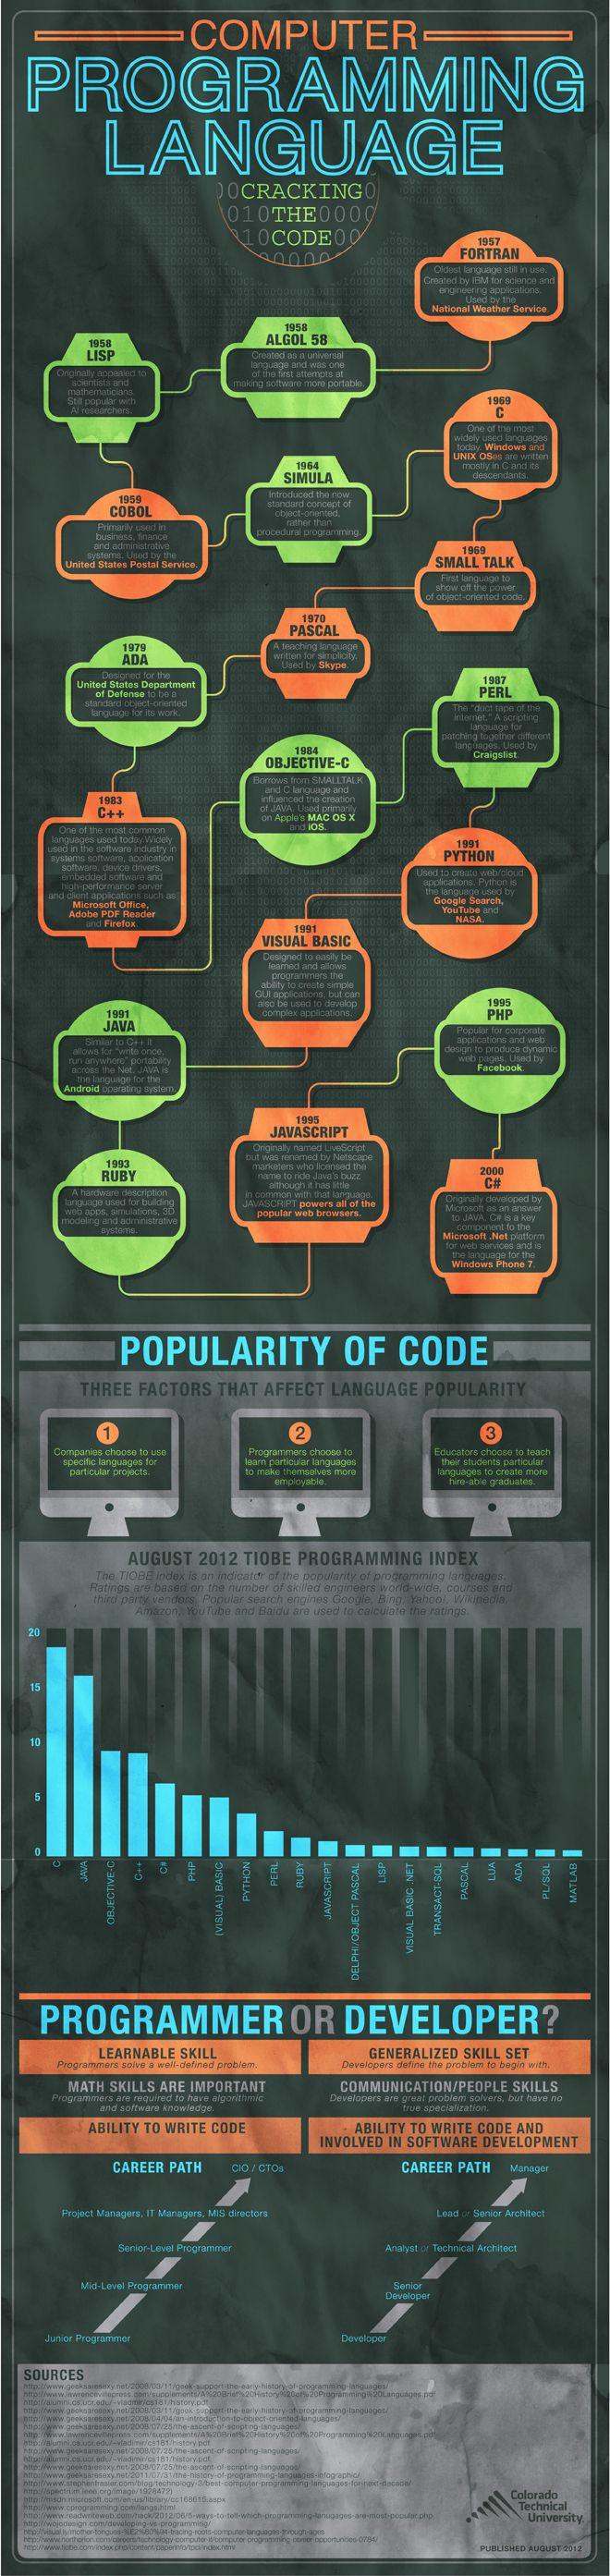 UHUUUUL C é a preferida! : ) 9 em cada 10 estudantes de Ciência da Computação vai ter C como língua-mãe e quando for trabalhar vai ser obrigado a mexer com Java! Vai dizer que não é verdade? rs bei…